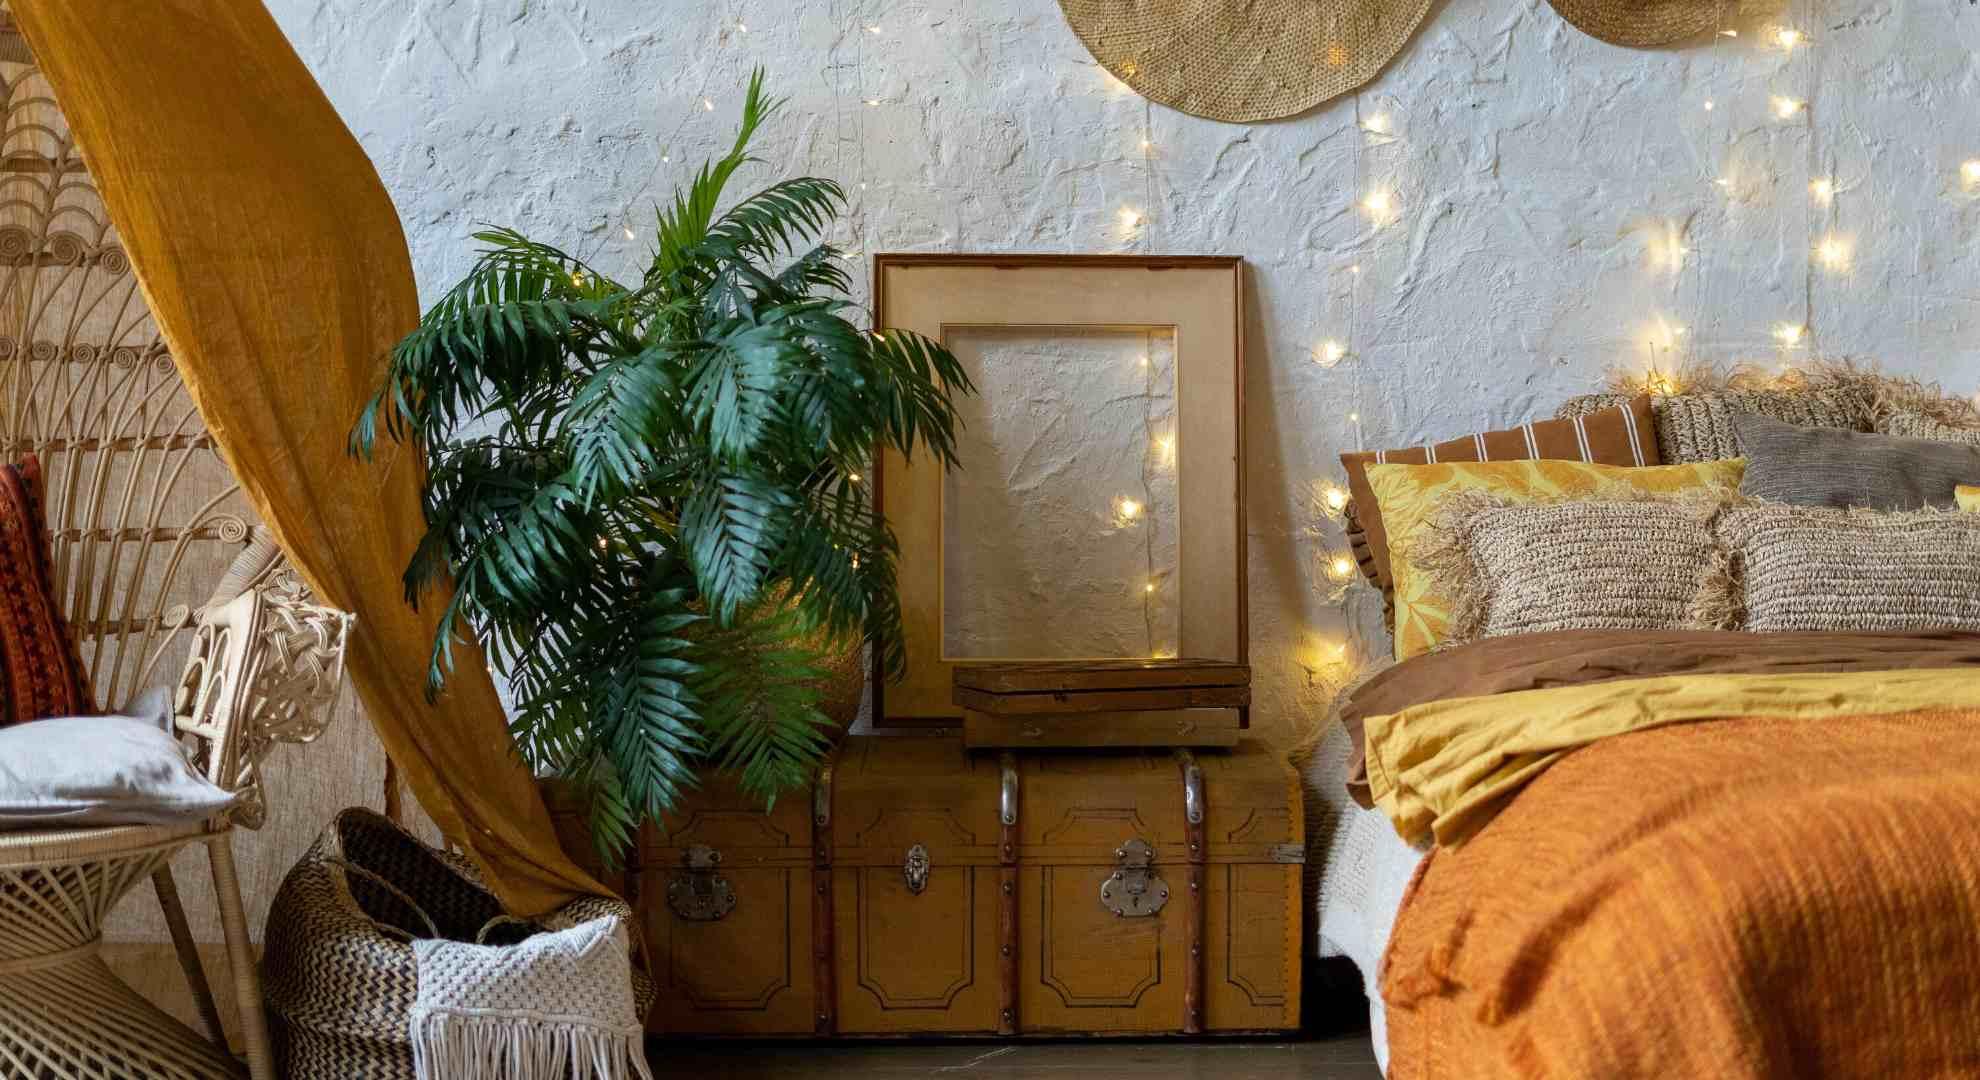 Boho Decorating On A Budget | Trade Secrets